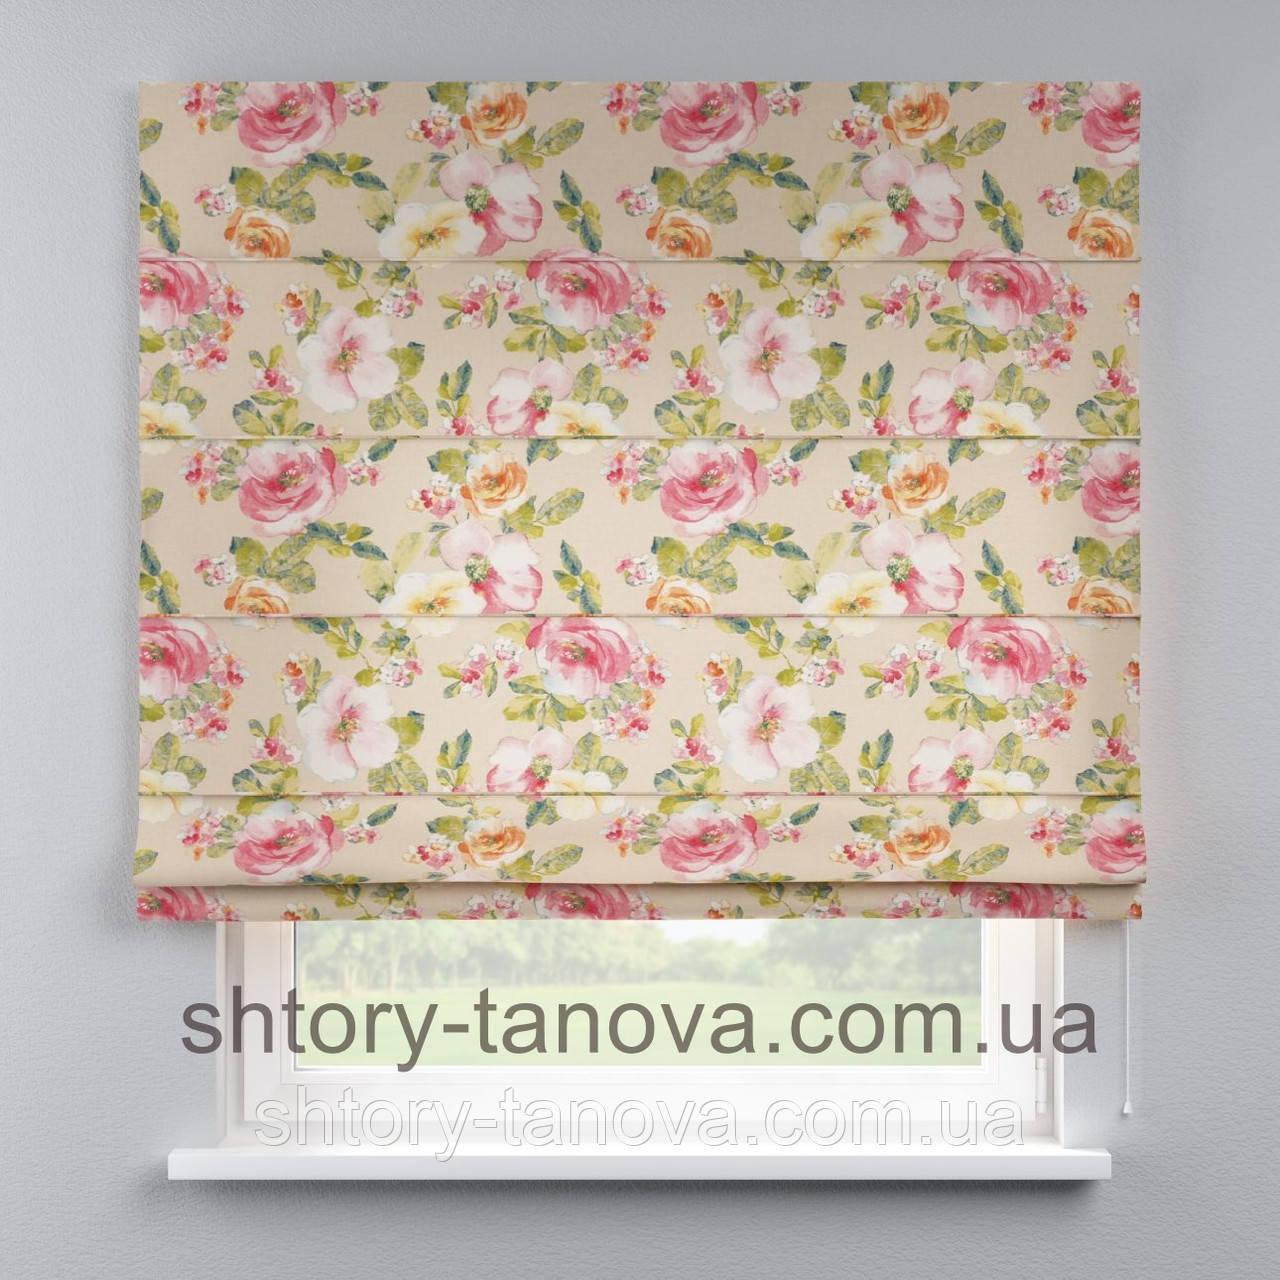 Римская штора с цветочным принтом 160x170 см